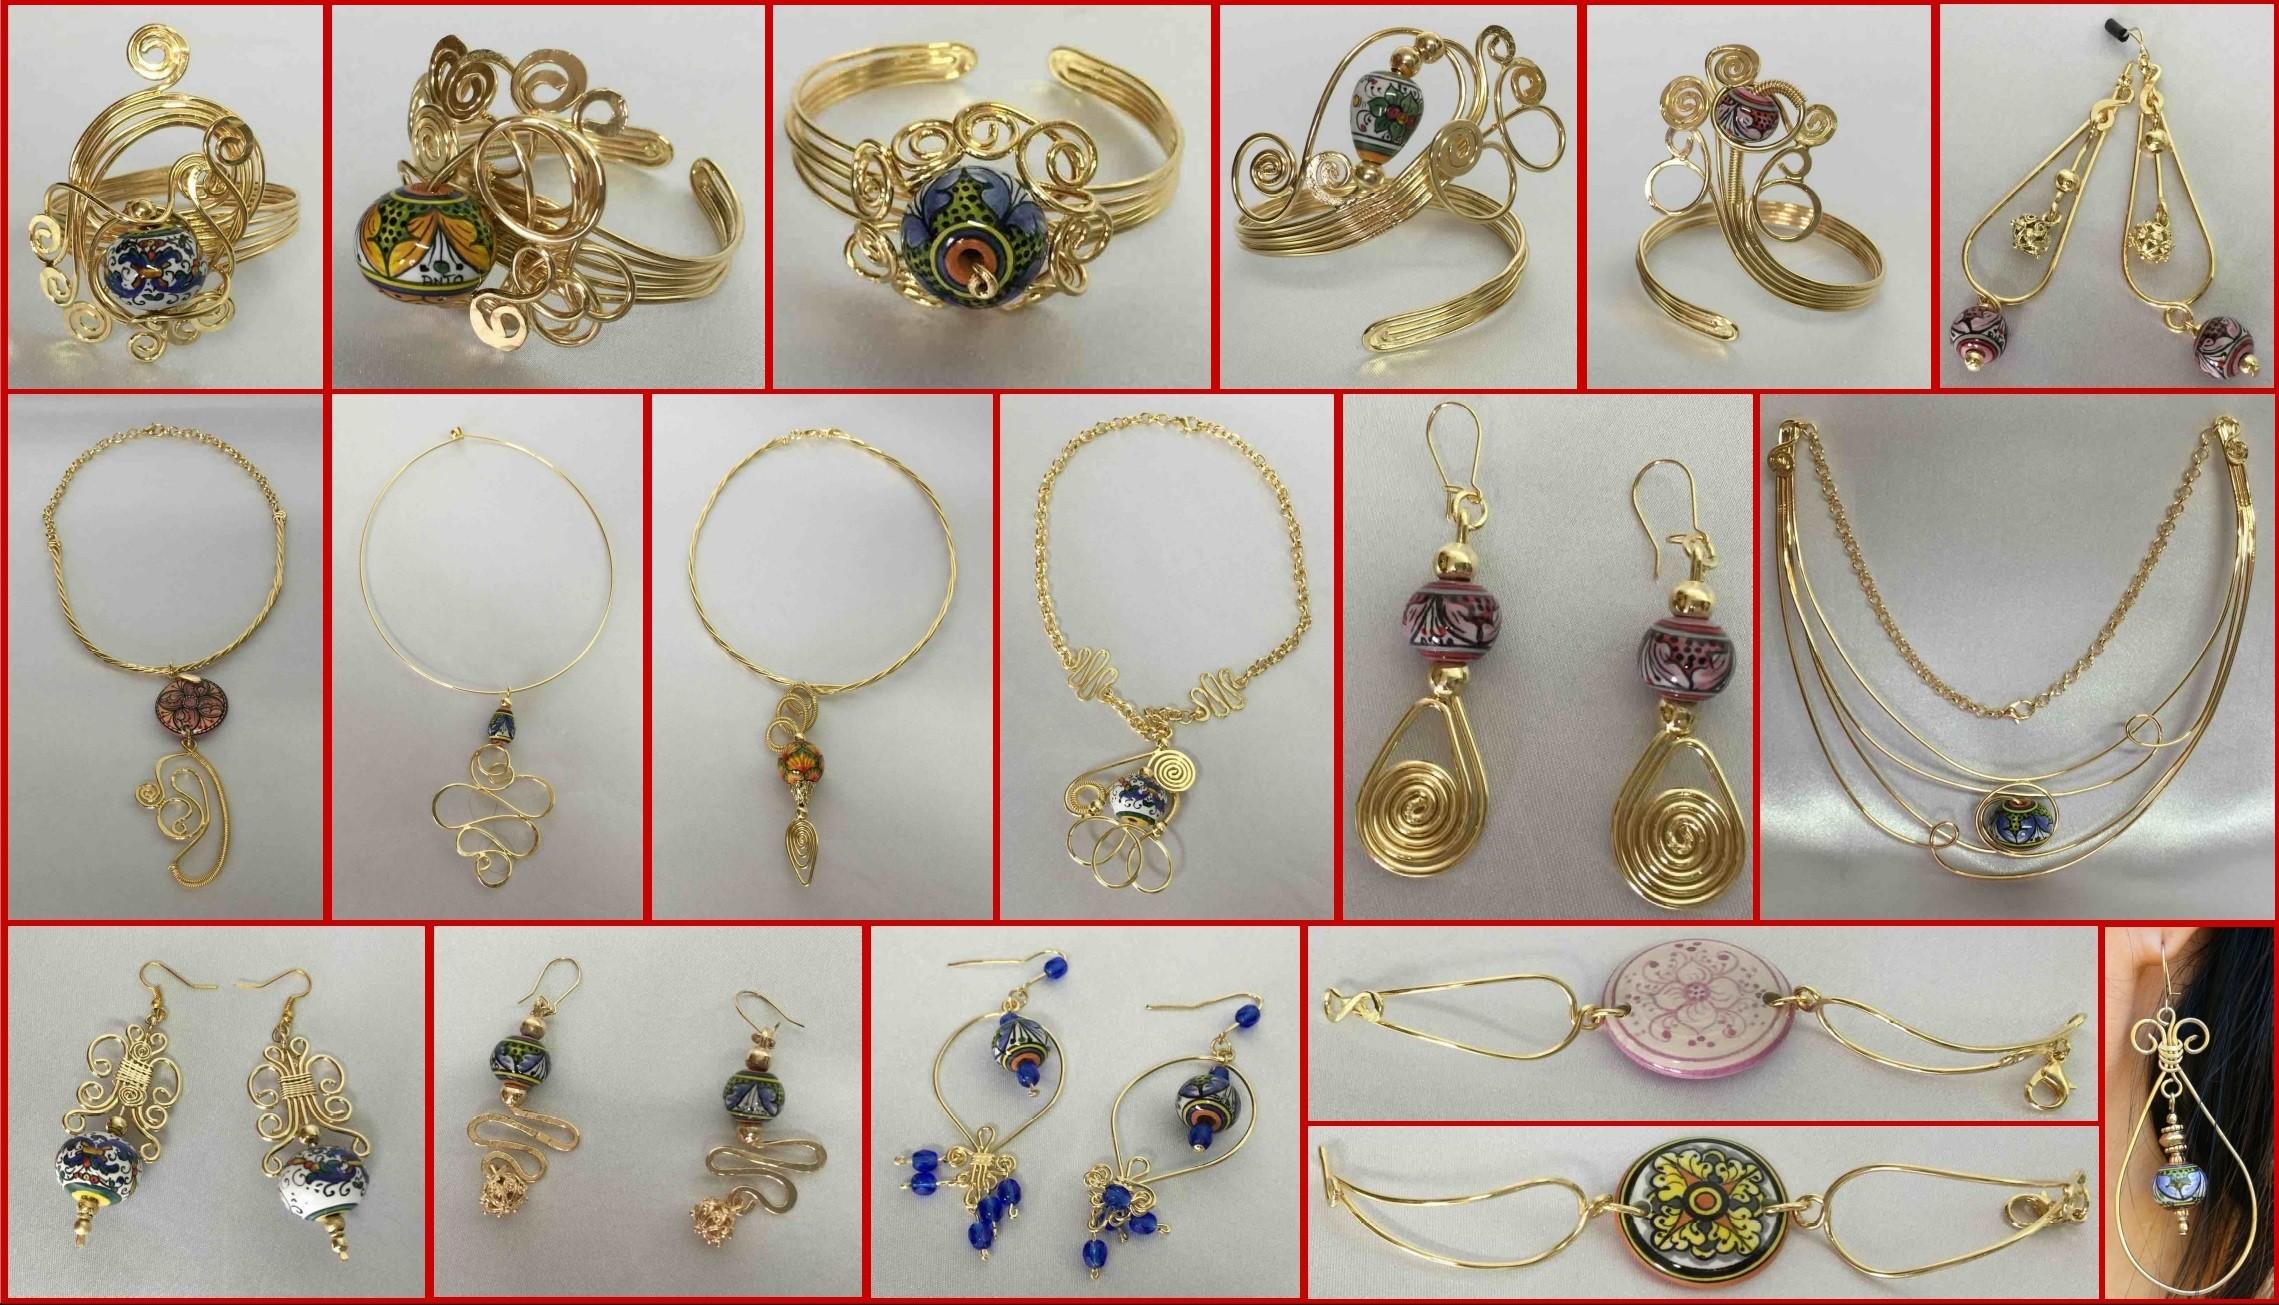 juweliergeschaft